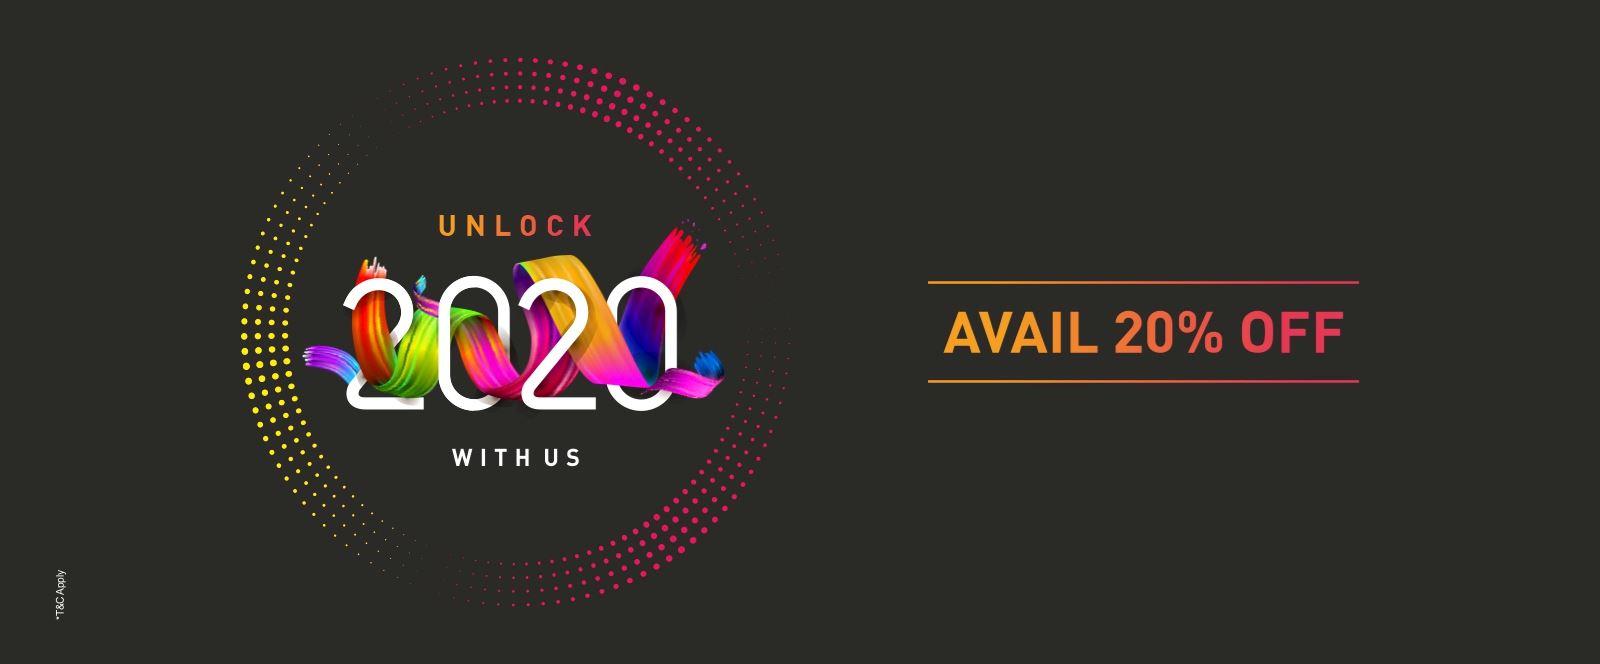 Ginger Unlock 2020 Offer